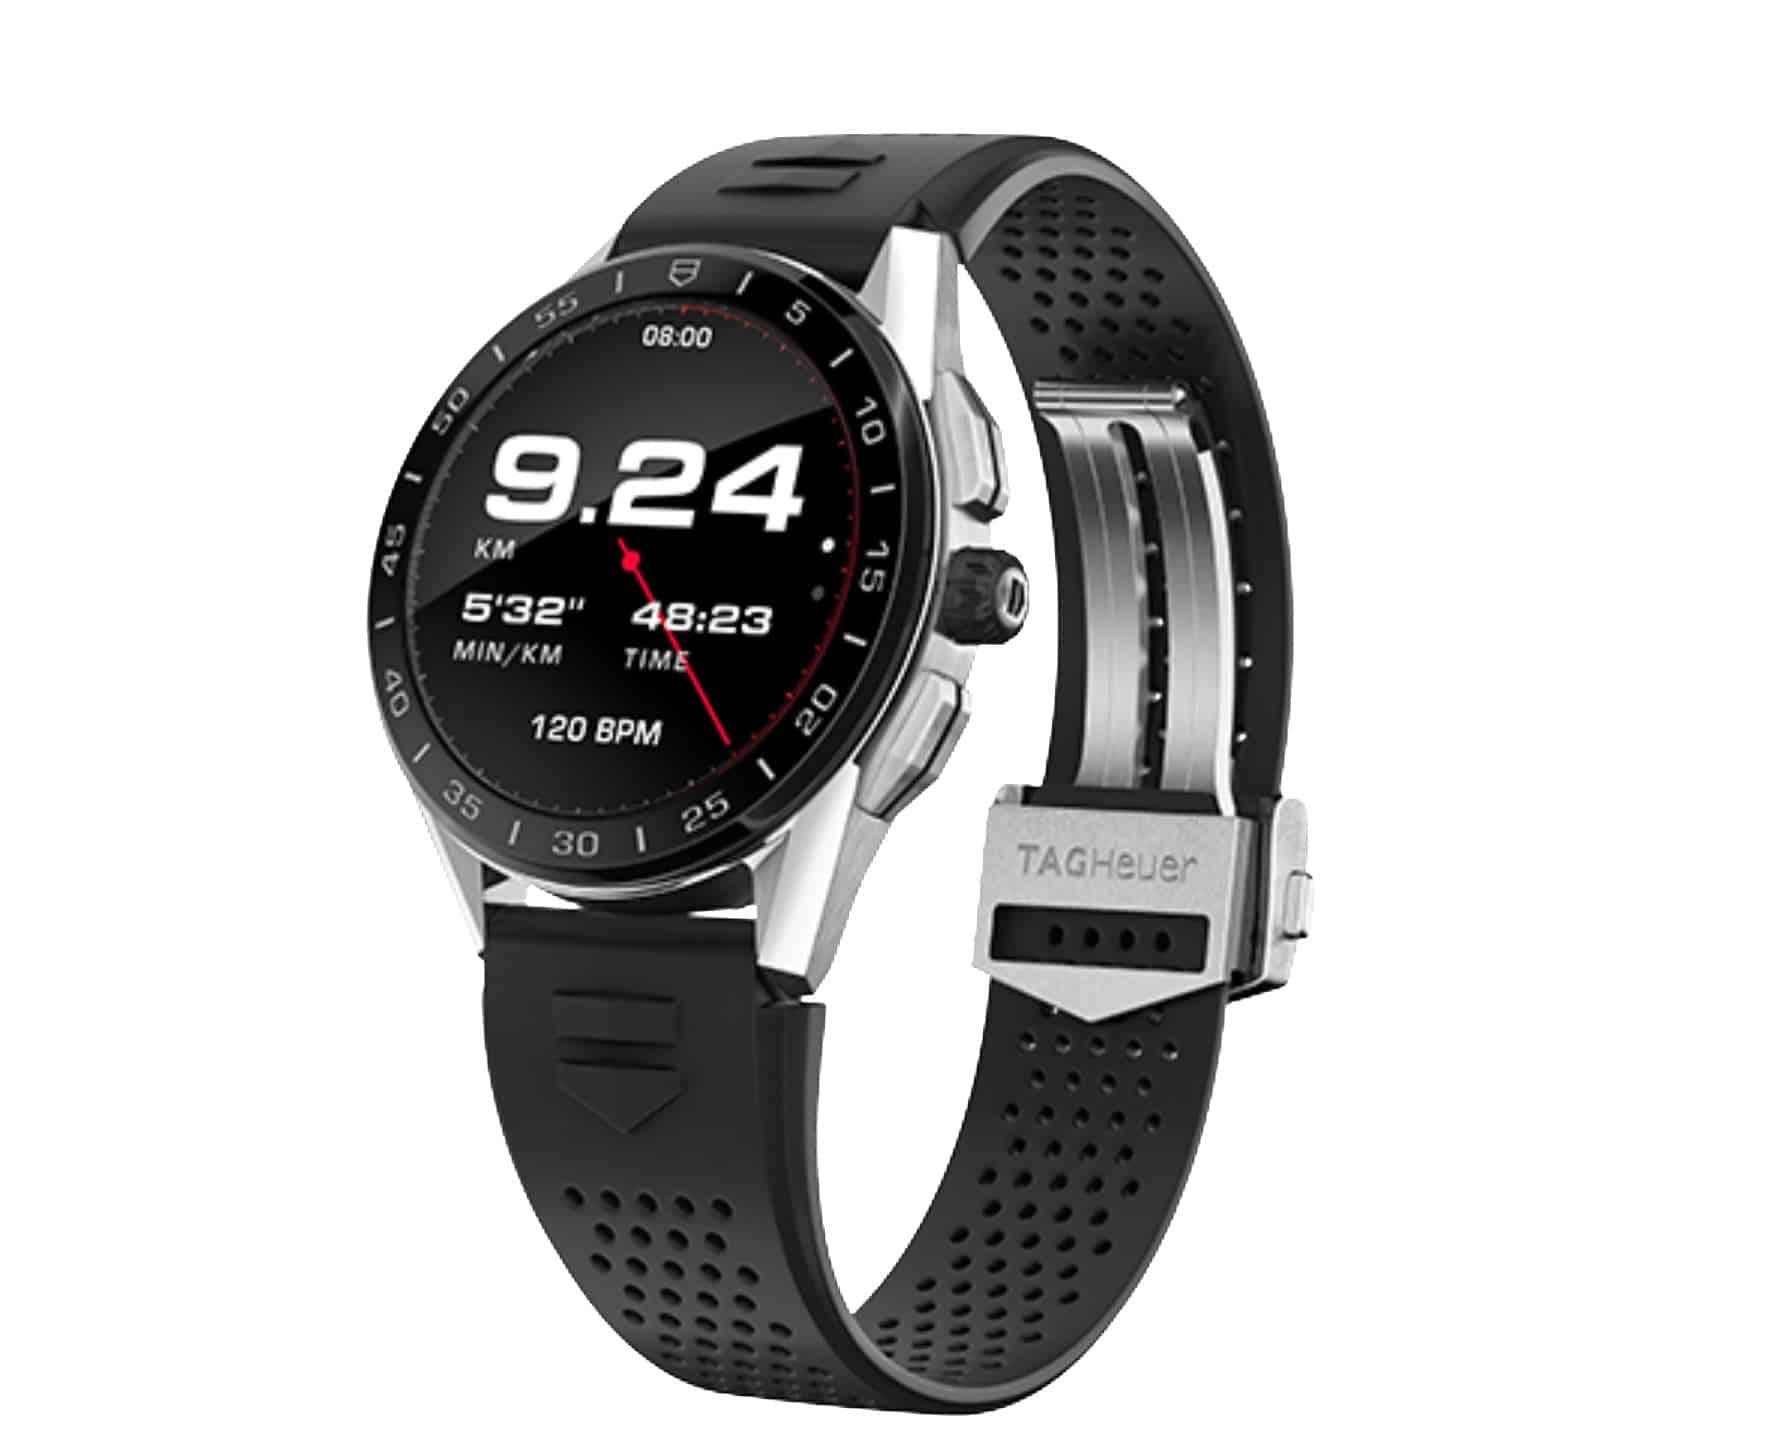 Hochwertiges Kautschukarmband und Stahlschließe zeigen die TAG Heuer Connected Watch als Lifestyleprodukt